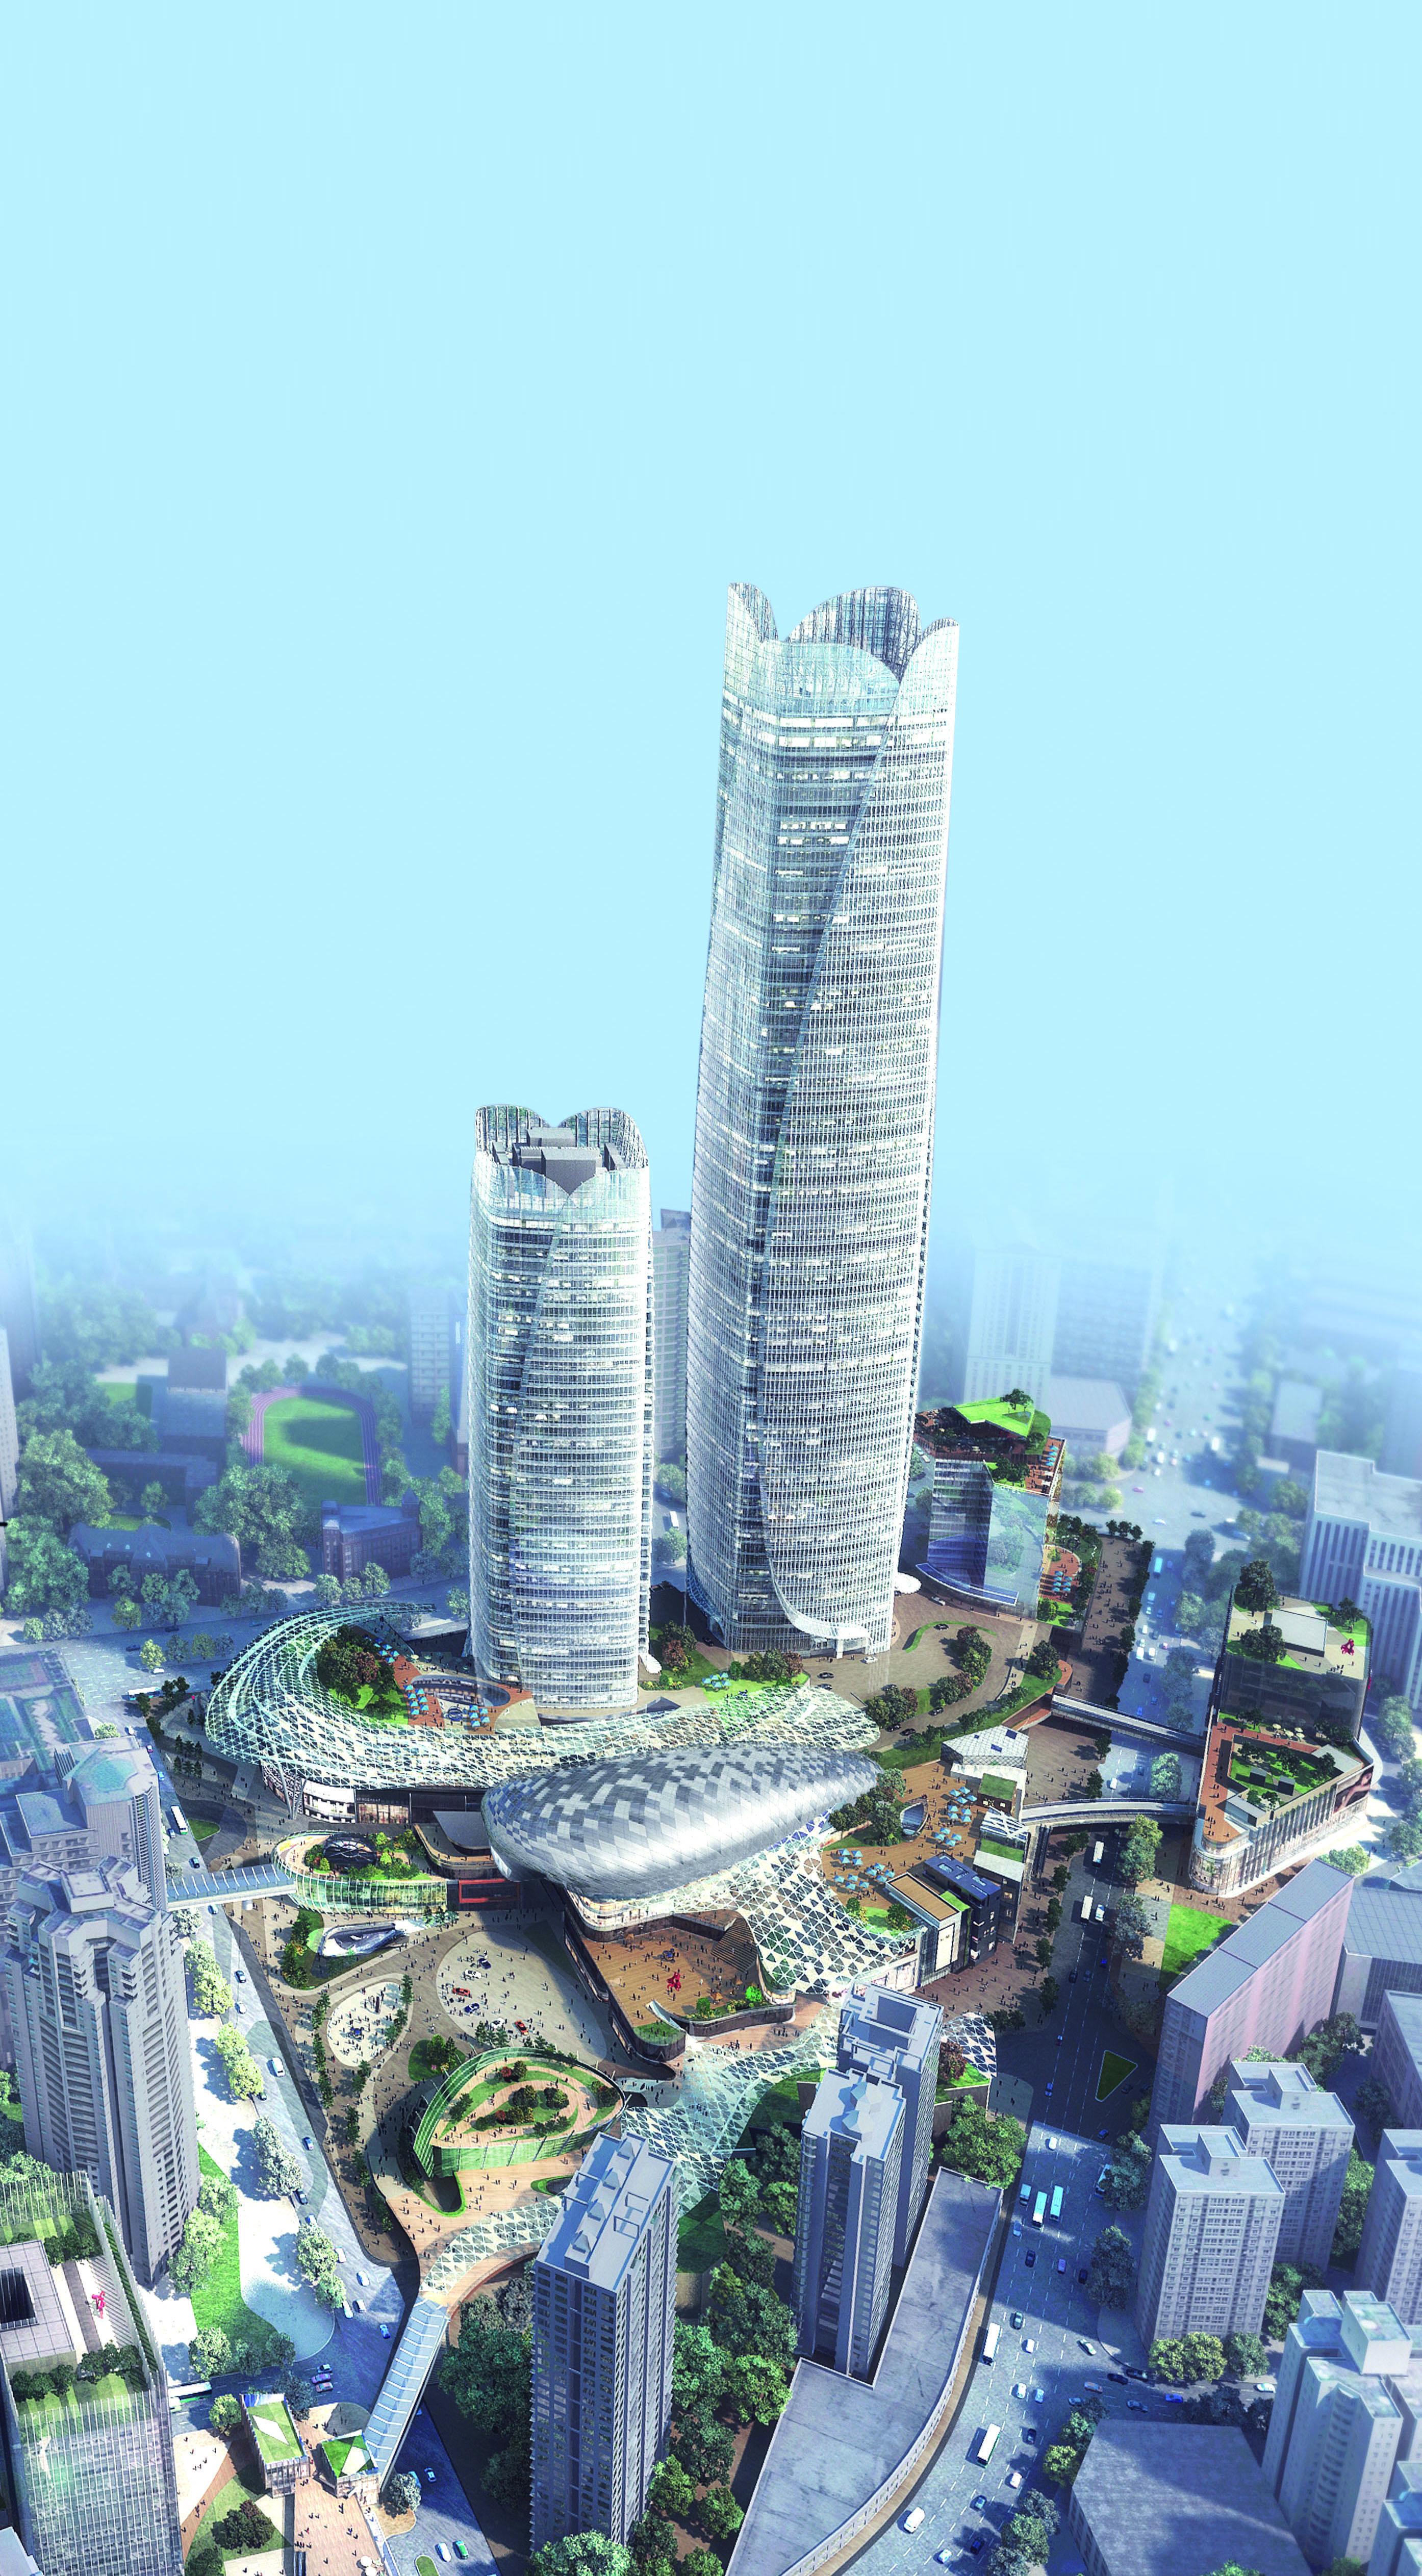 上海徐家汇国贸中心(ITC)荣膺2017亚洲国际房地产金奖